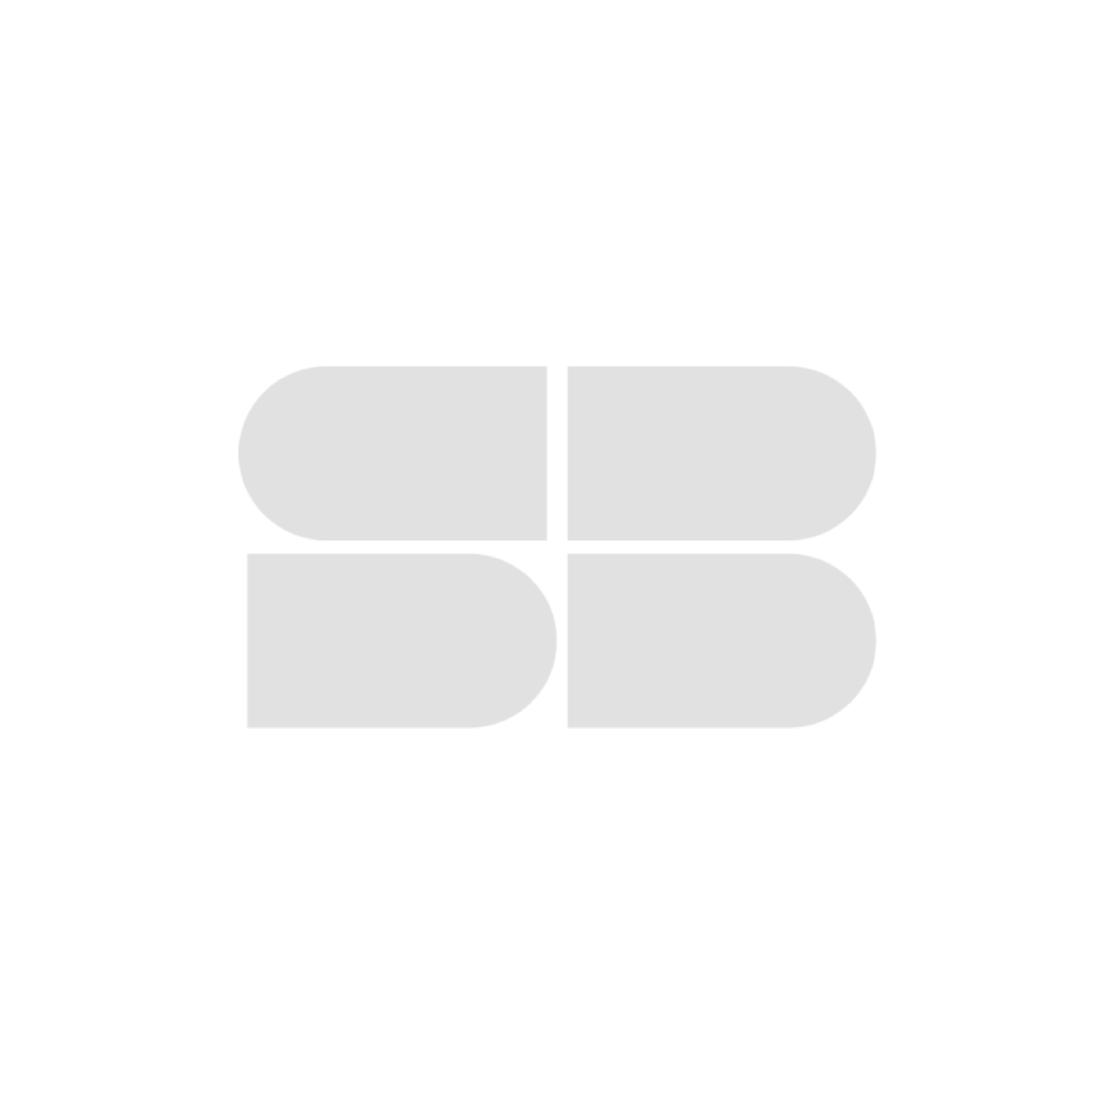 ชุดห้องนอน ตู้เสื้อผ้าบานเลื่อน รุ่น Leno สีสีอ่อน-SB Design Square